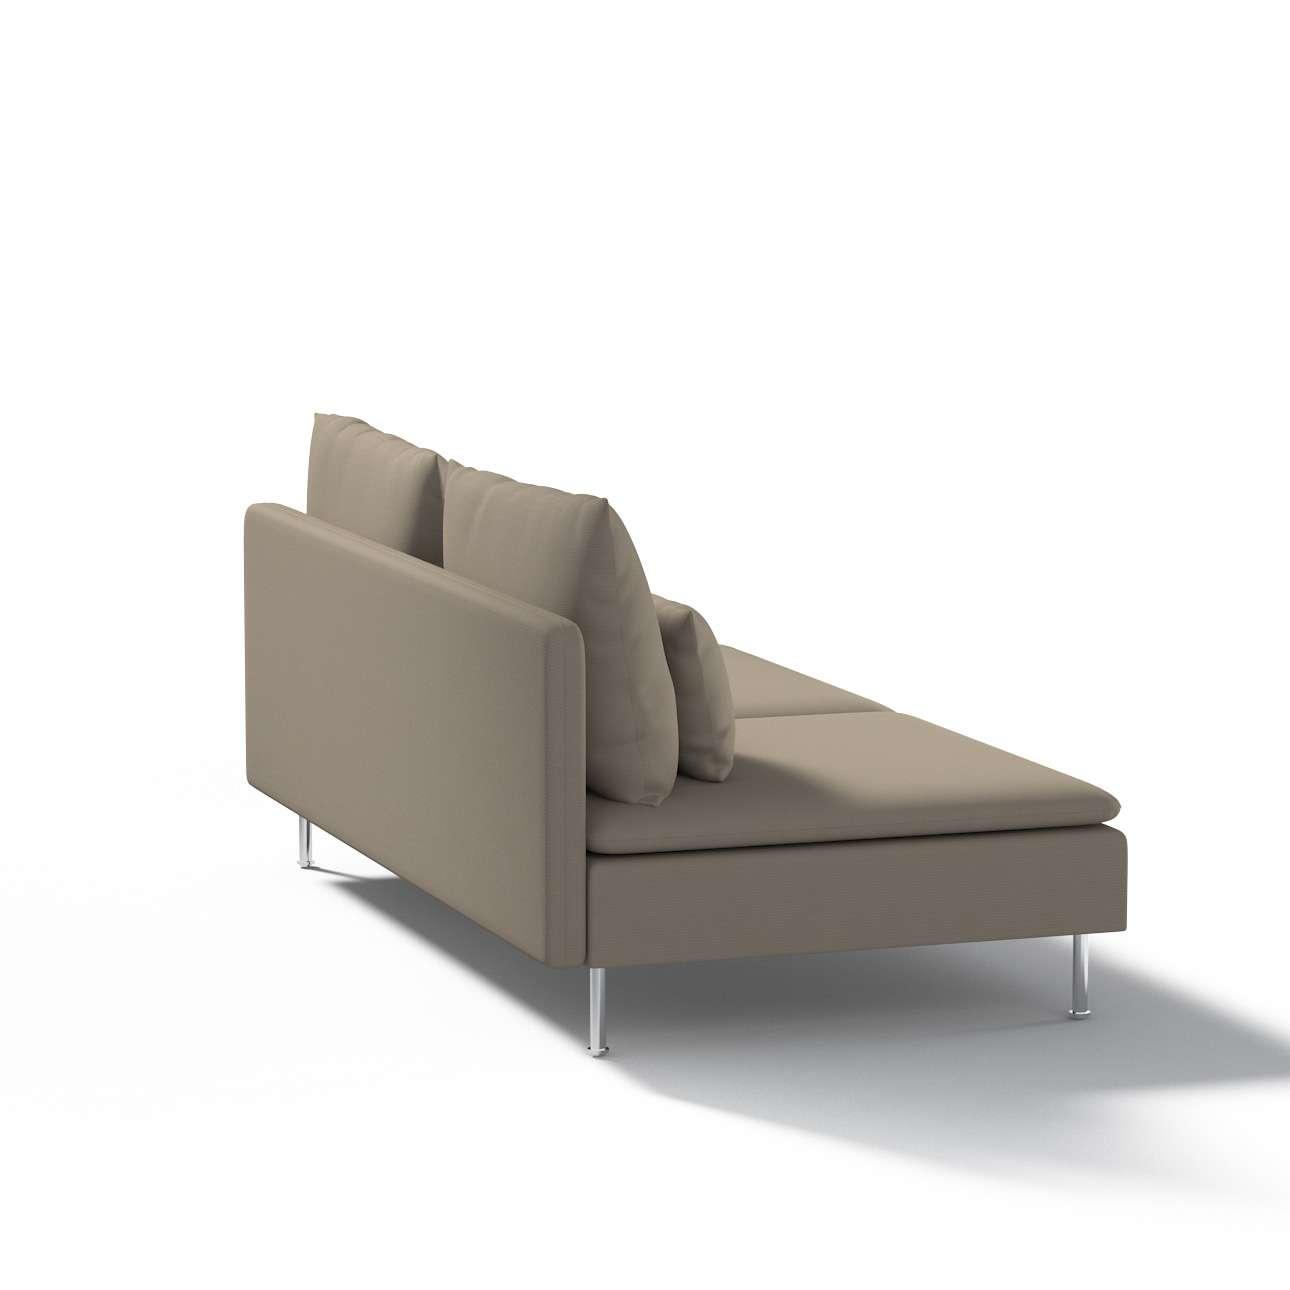 Söderhamn Bezug für Sitzelement 3 Sitzelement 3 von der Kollektion Cotton Panama, Stoff: 702-28